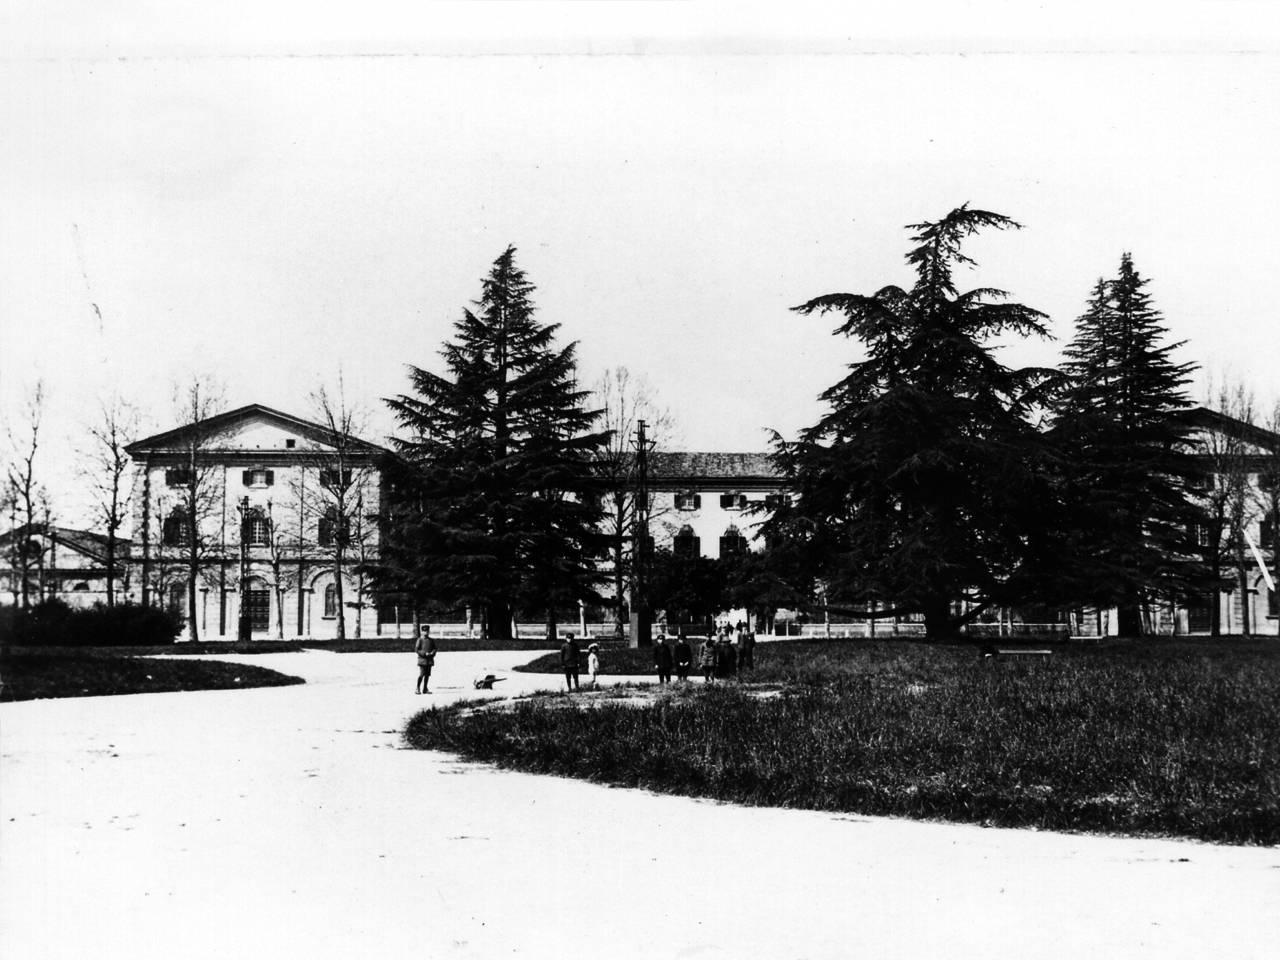 Caserma Generale Zucchi Reggio Emilia